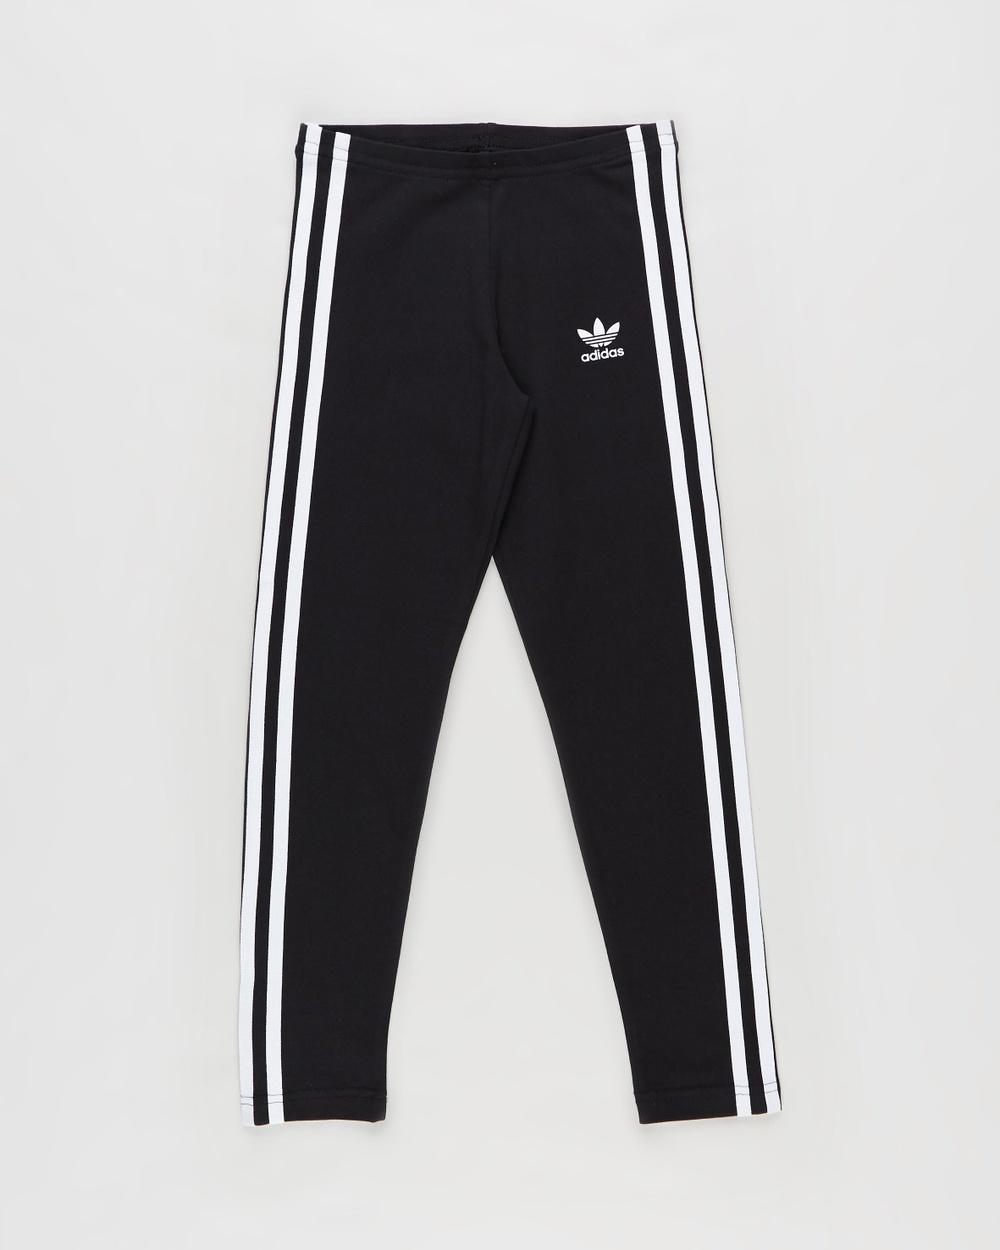 adidas Originals Adicolour Leggings Kids Pants Black & White